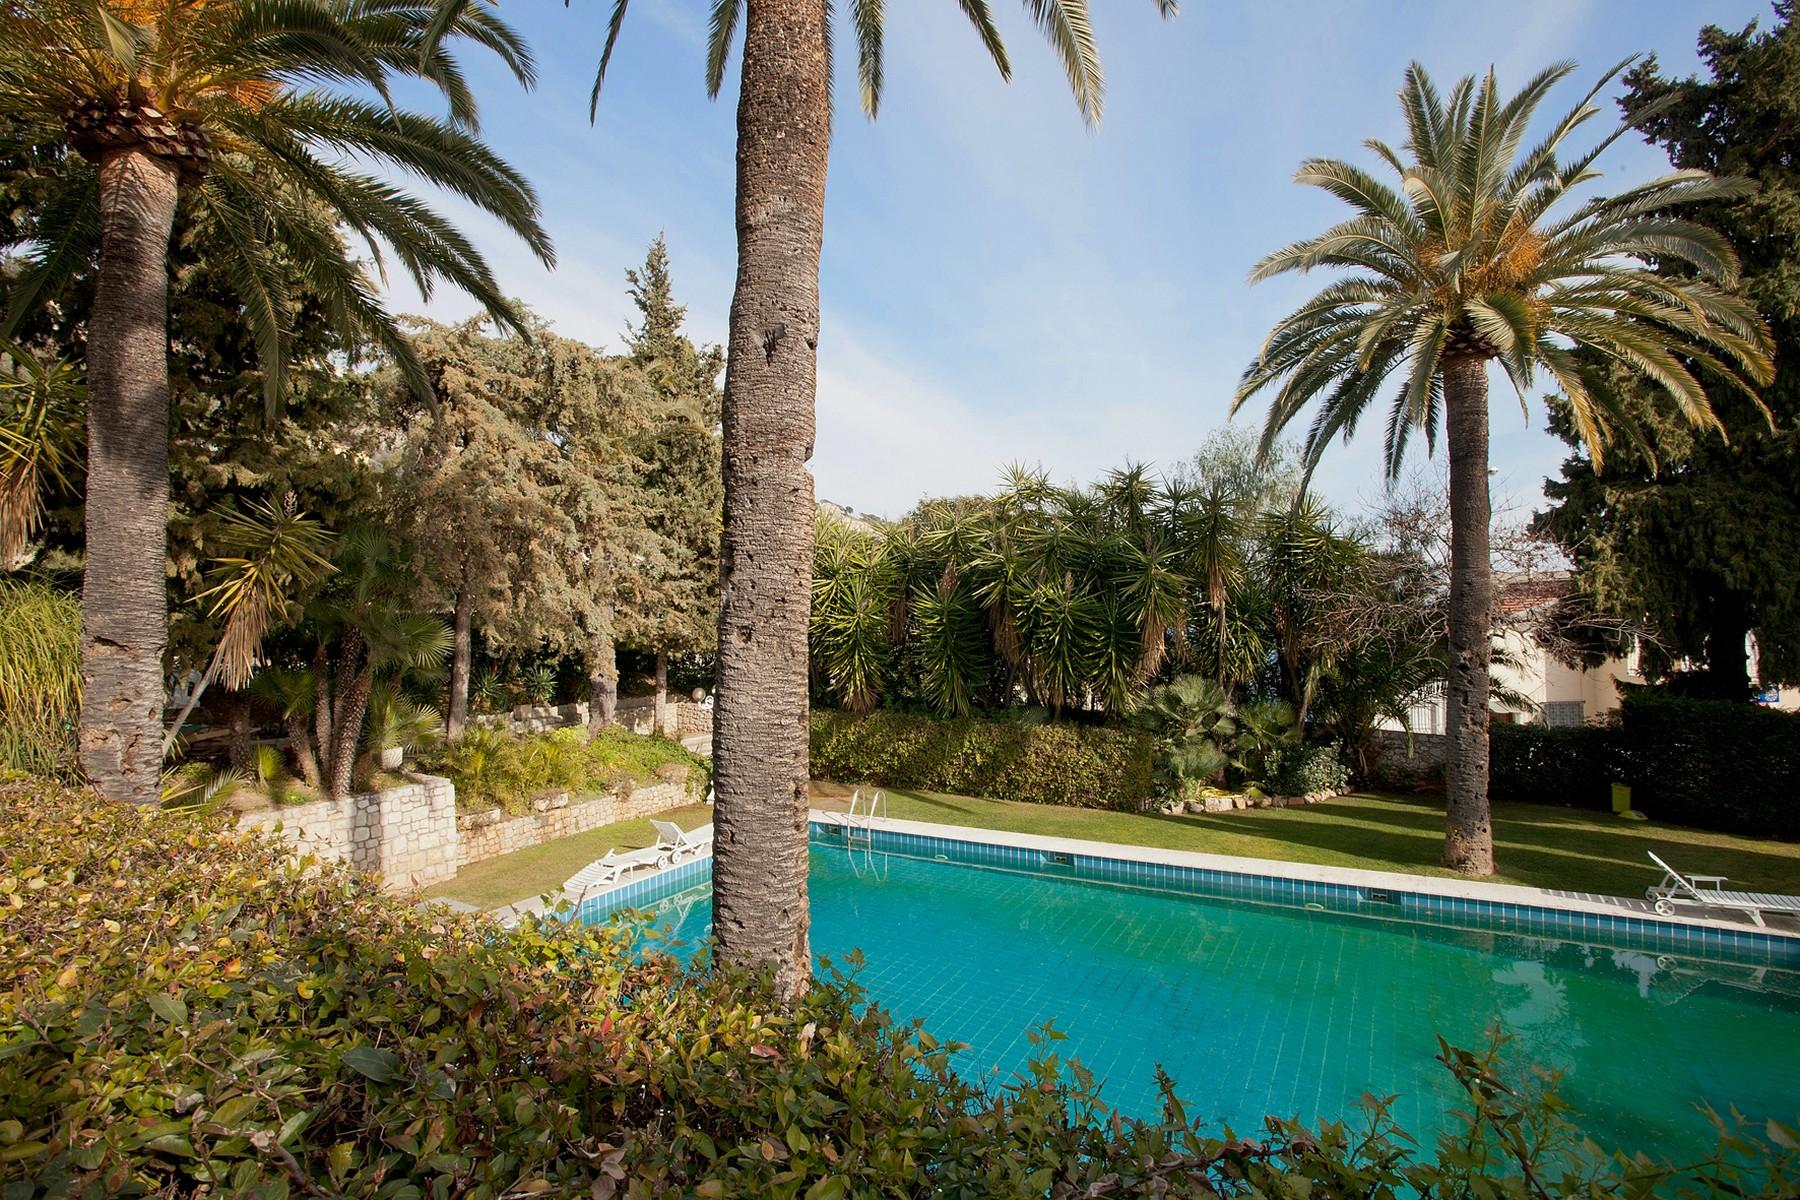 Appartamento in Vendita a Ventimiglia: 5 locali, 250 mq - Foto 1